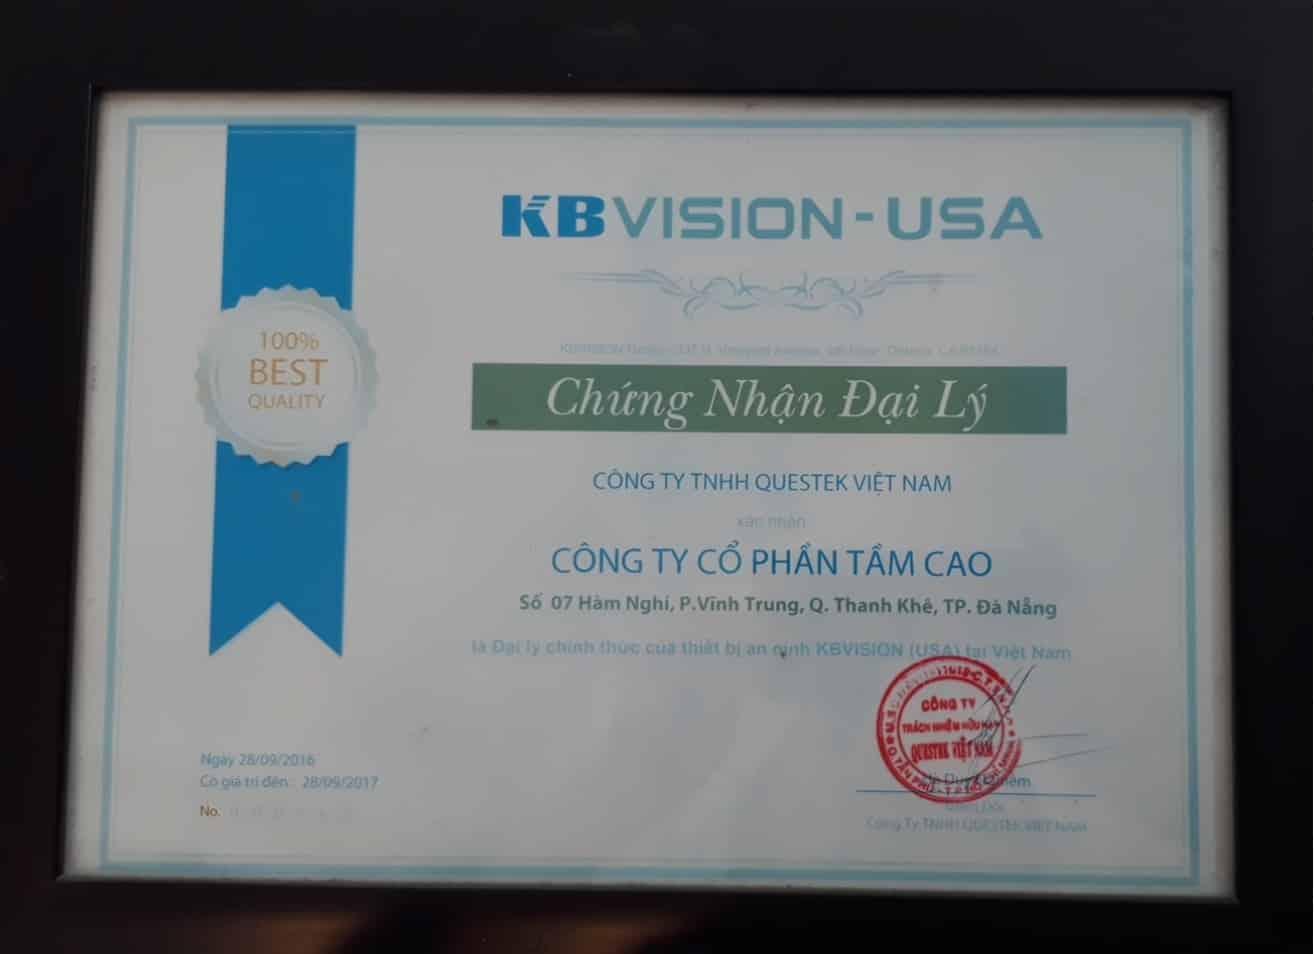 Chứng nhận đại lý camera kbvision tại Đà Nẵng